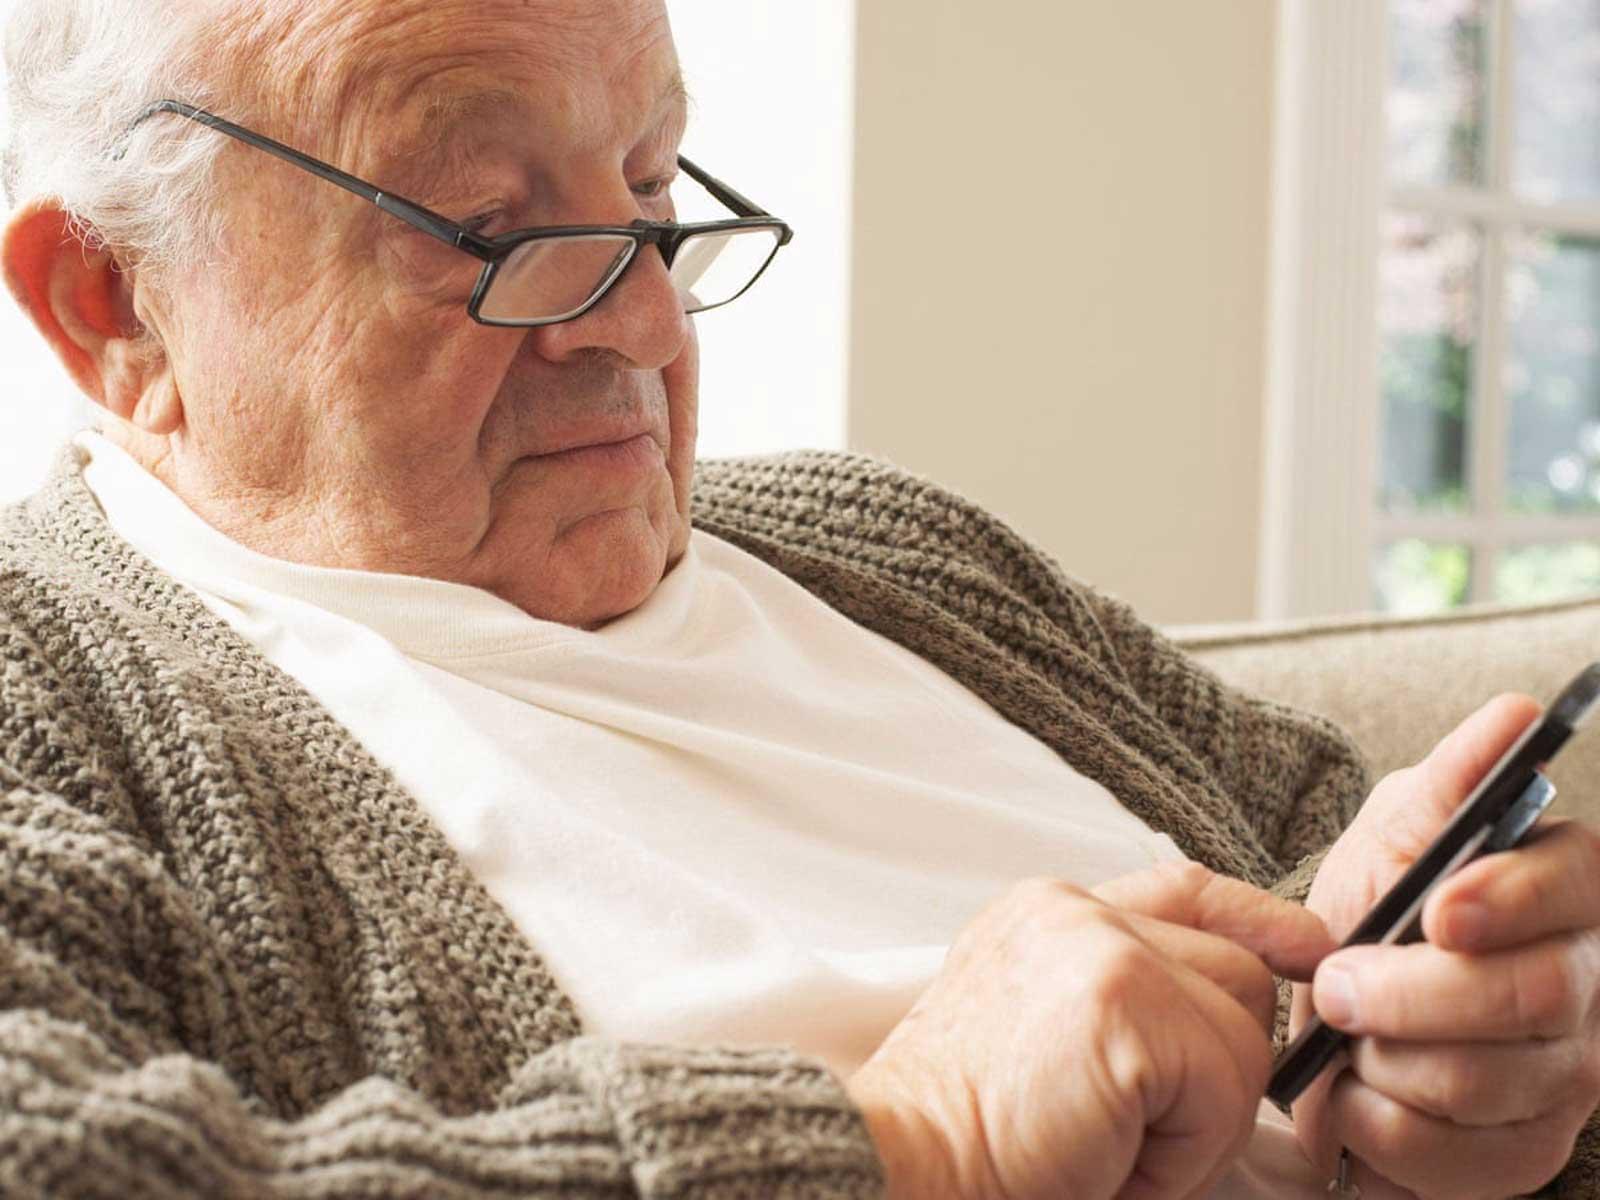 خرید گوشی مناسب برای مادر بزرگها و پدر بزرگها